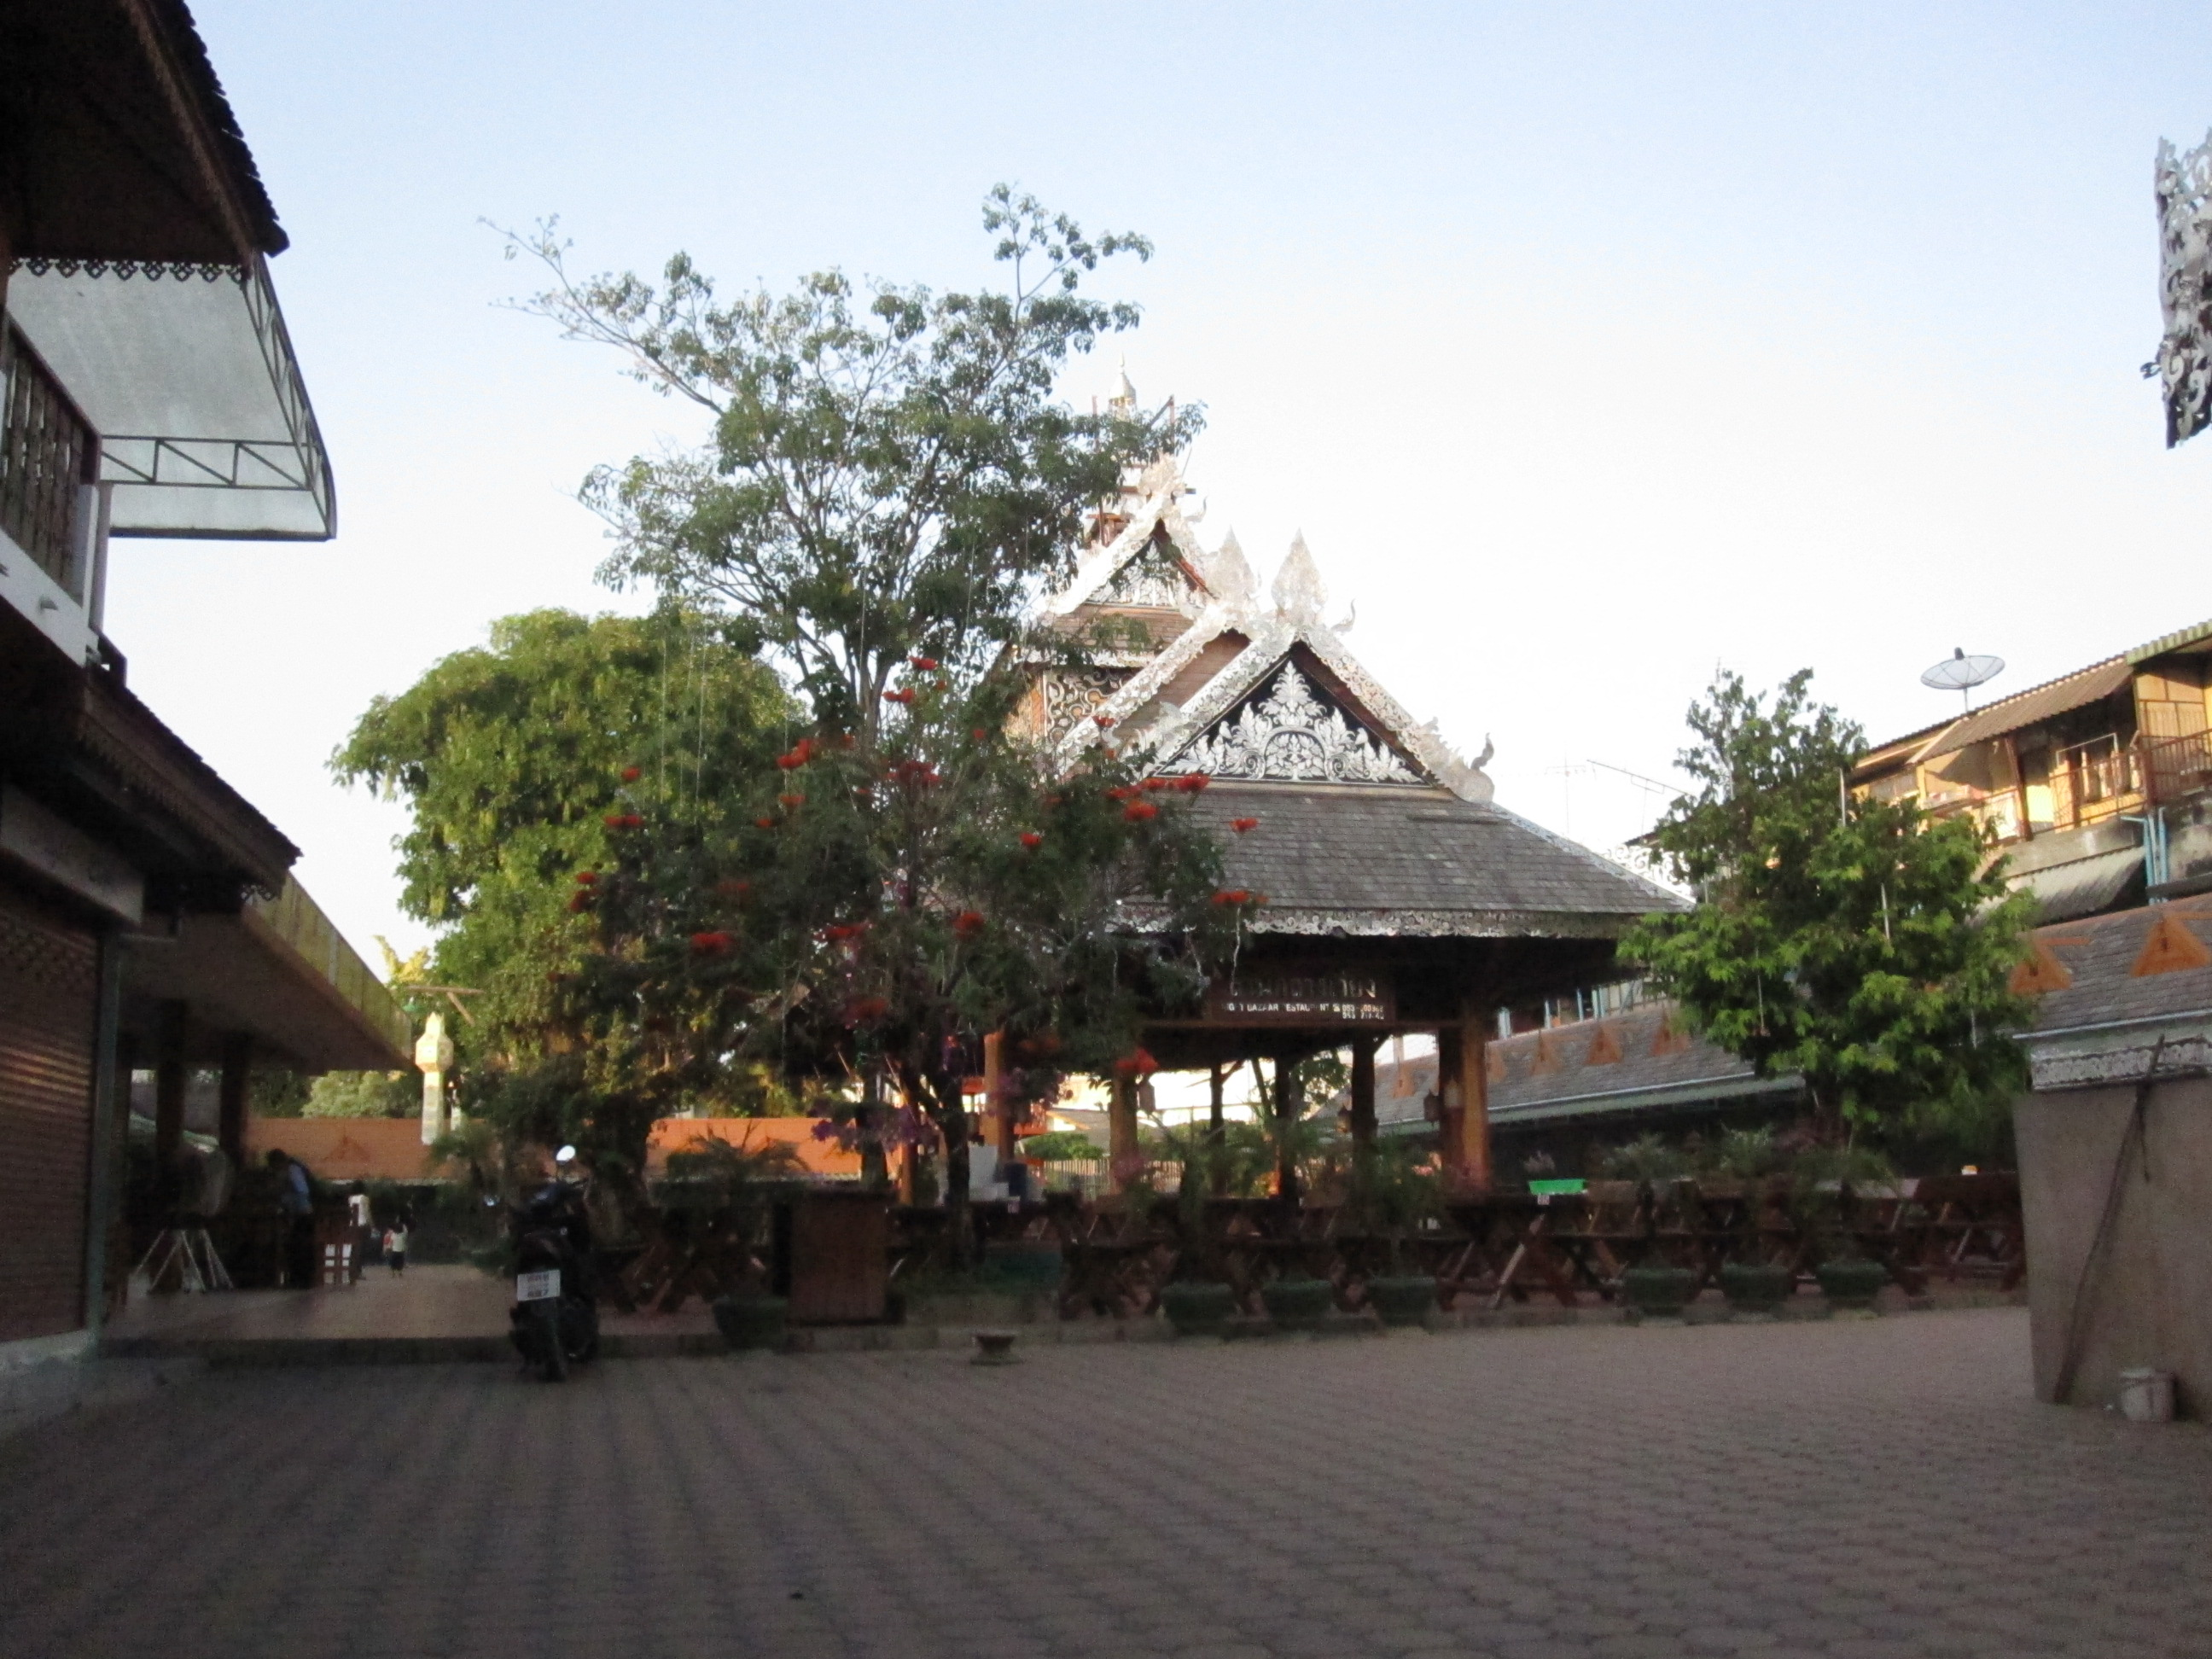 チェンライの街並み6